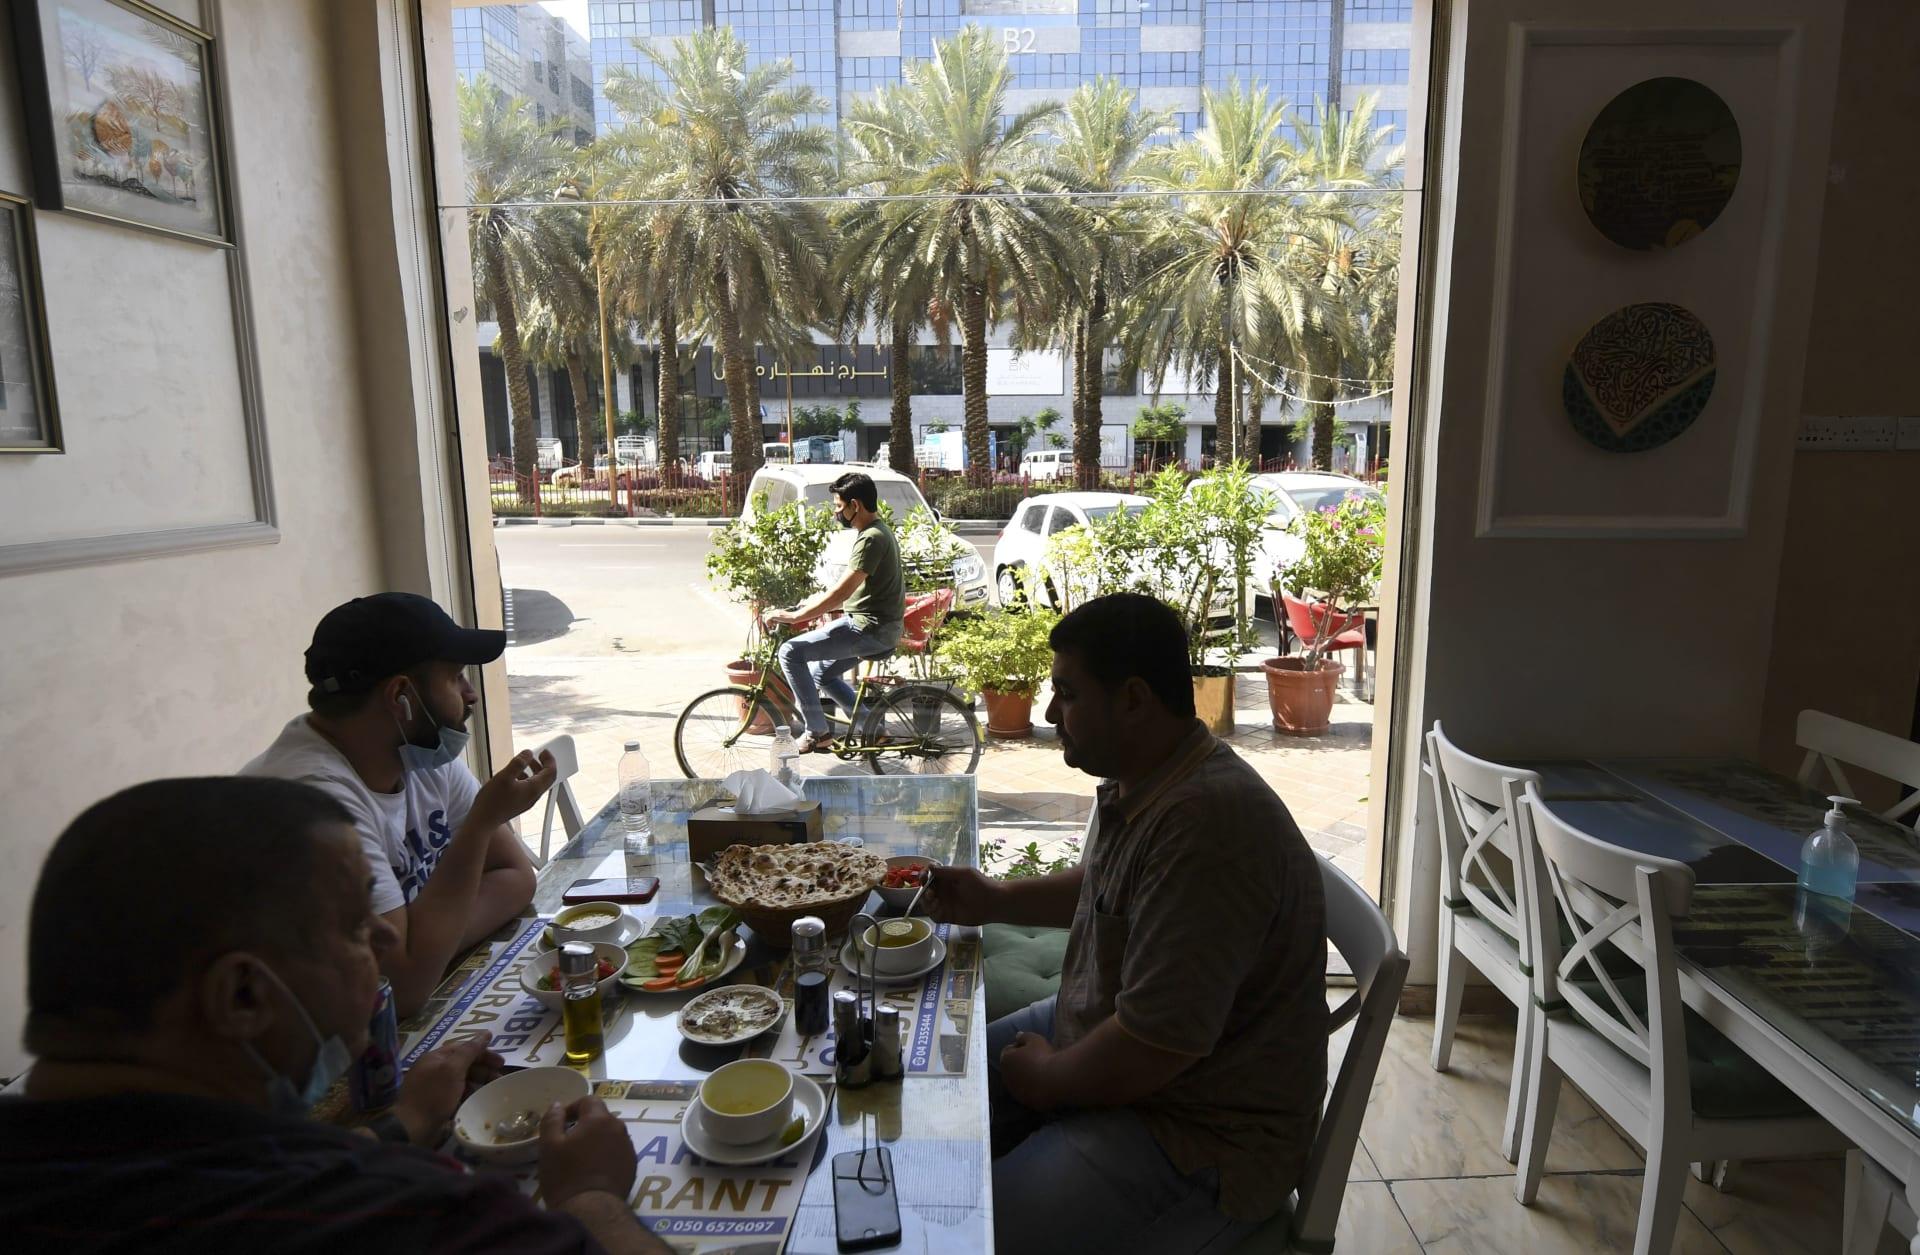 صورة أرشيفية لأشخاص يجلسون في أحد المطاعم في دبي